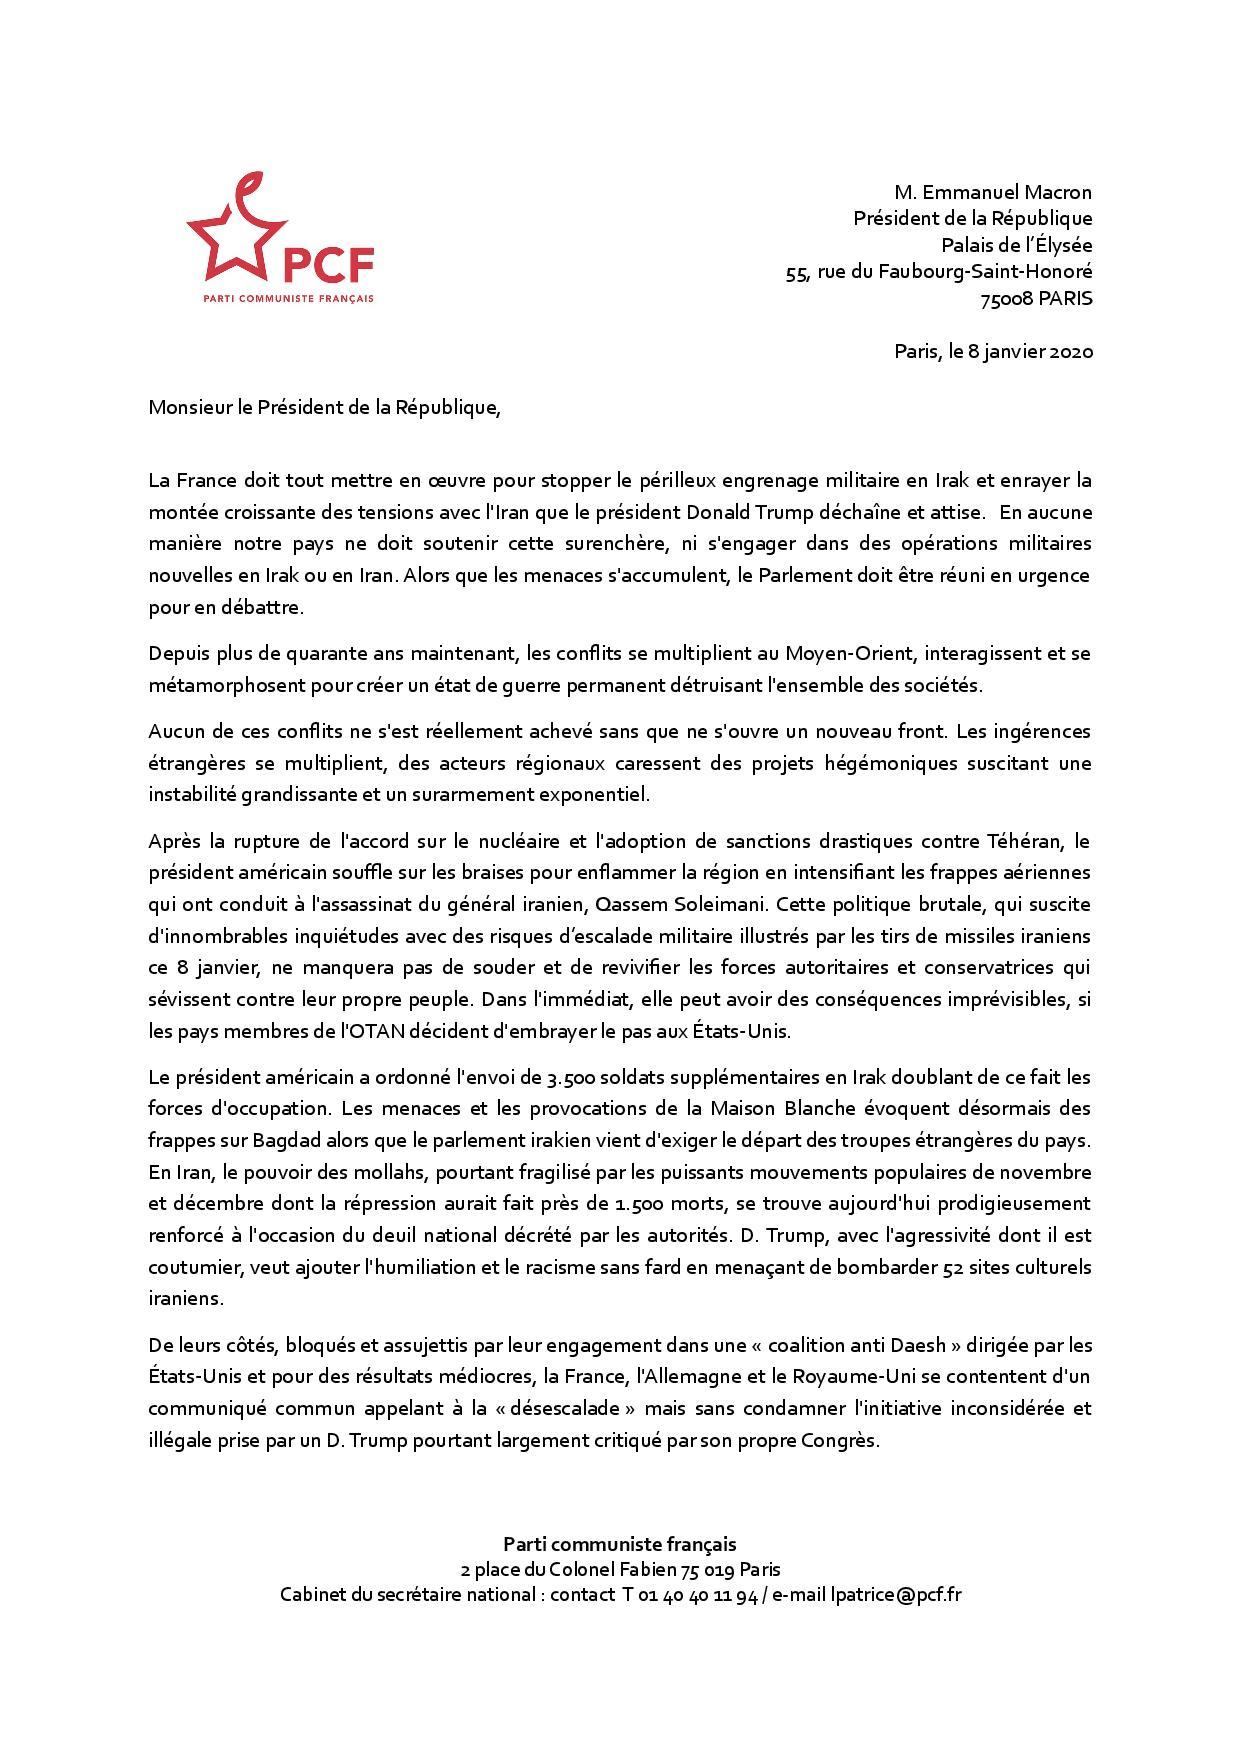 20200108_Lettre_au_Président_de_la_République_Appel_solennel-page-001.jpg